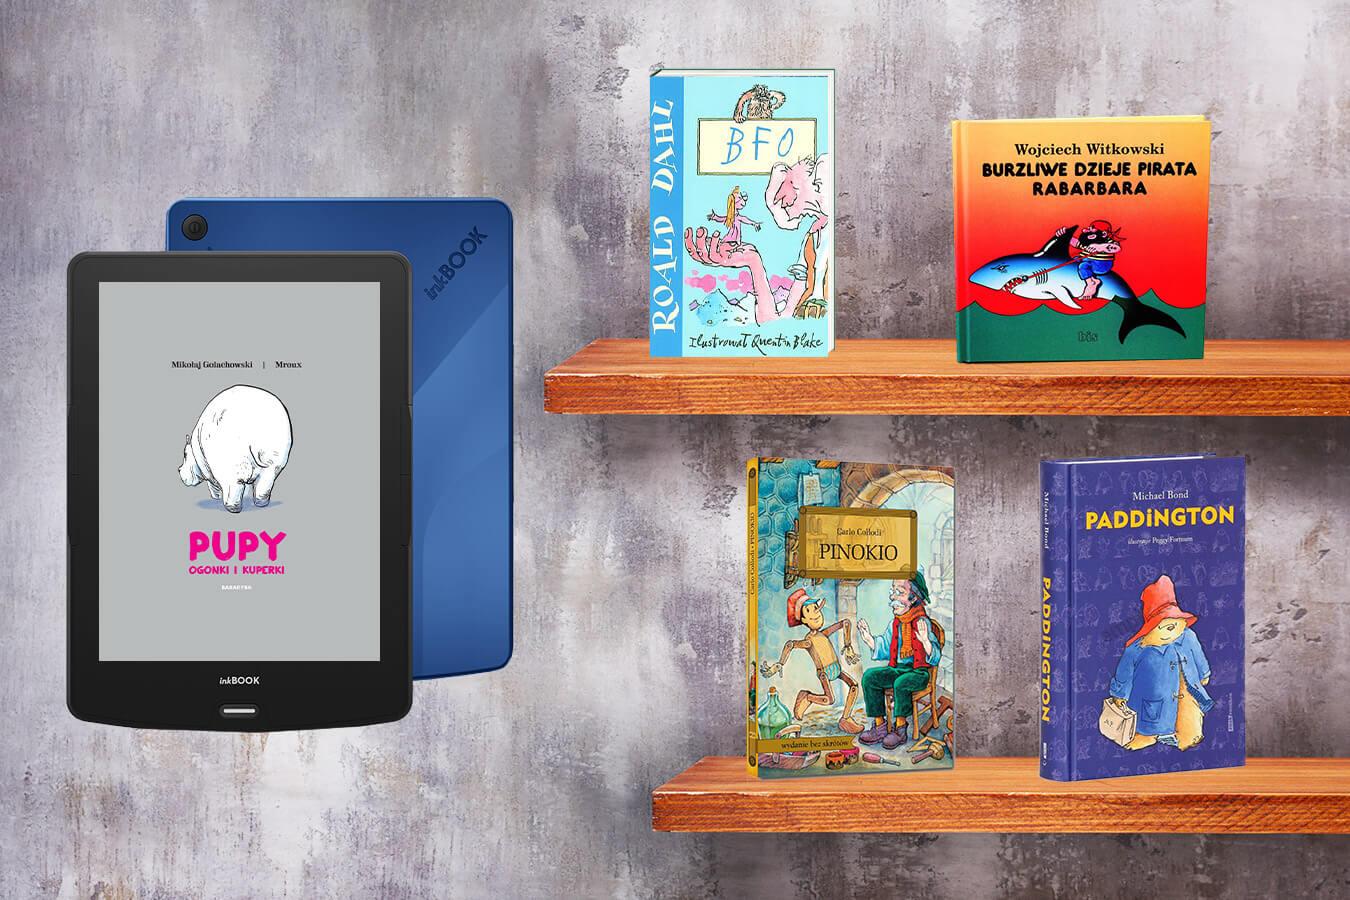 Książki dla sześciolatków – od których zacząć, by obudzić w dziecku małego czytelnika? [przegląd inkBOOKa]